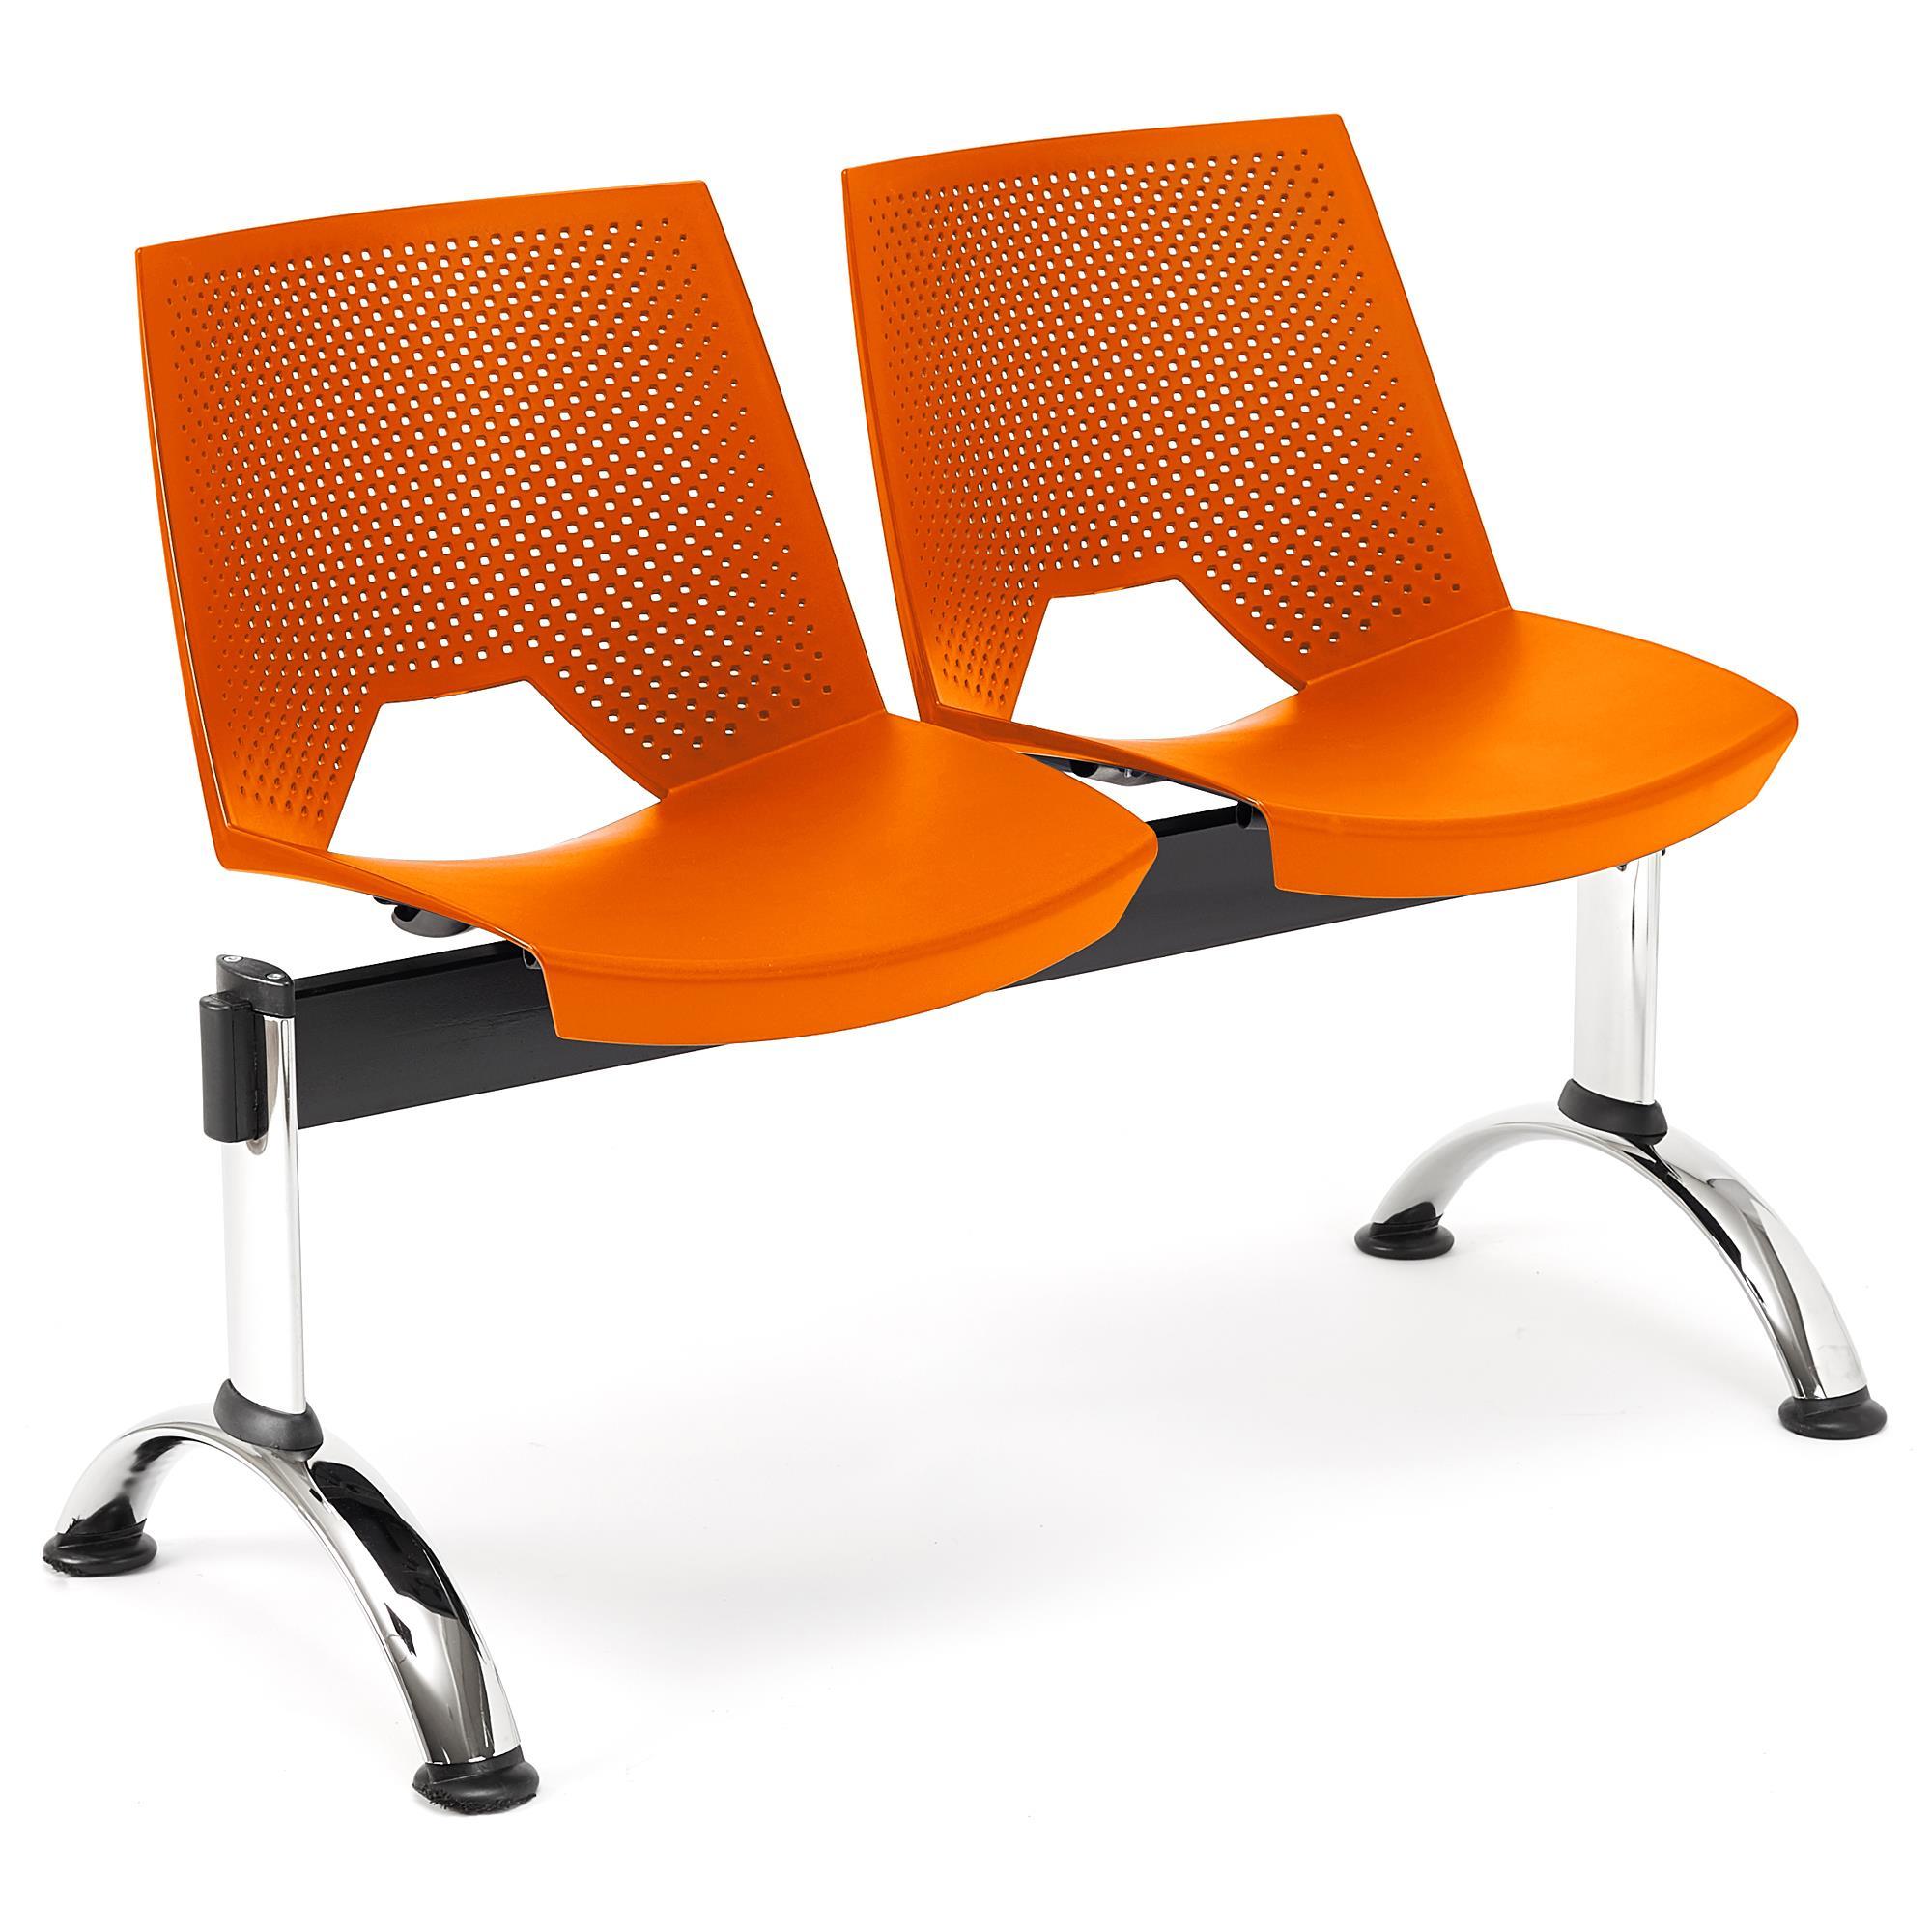 Banc salle d'attente 2 sièges ENZO, orange - Chaisepro.fr